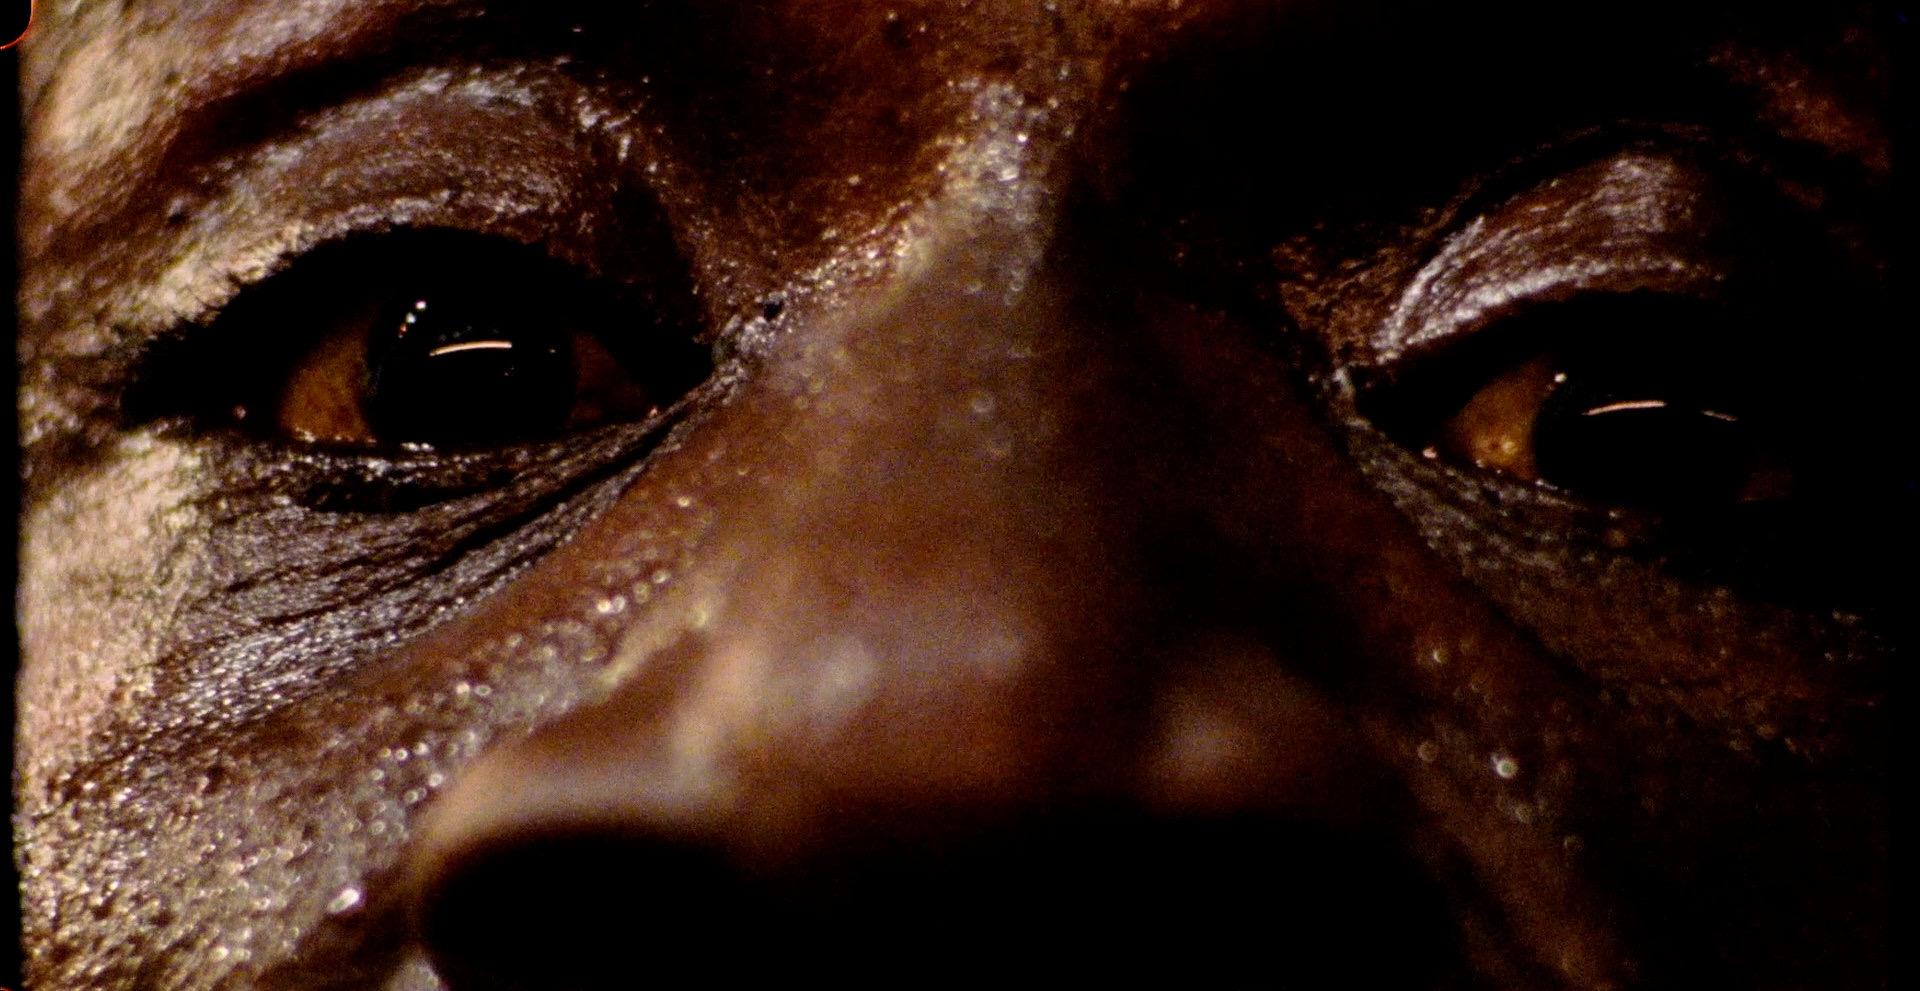 Cena do filme Eu Ando Sobre a Água em que aparece um homem negro bem de perto, sendo visível apenas seus olhos e o nariz. Sua expressão é de tristeza.